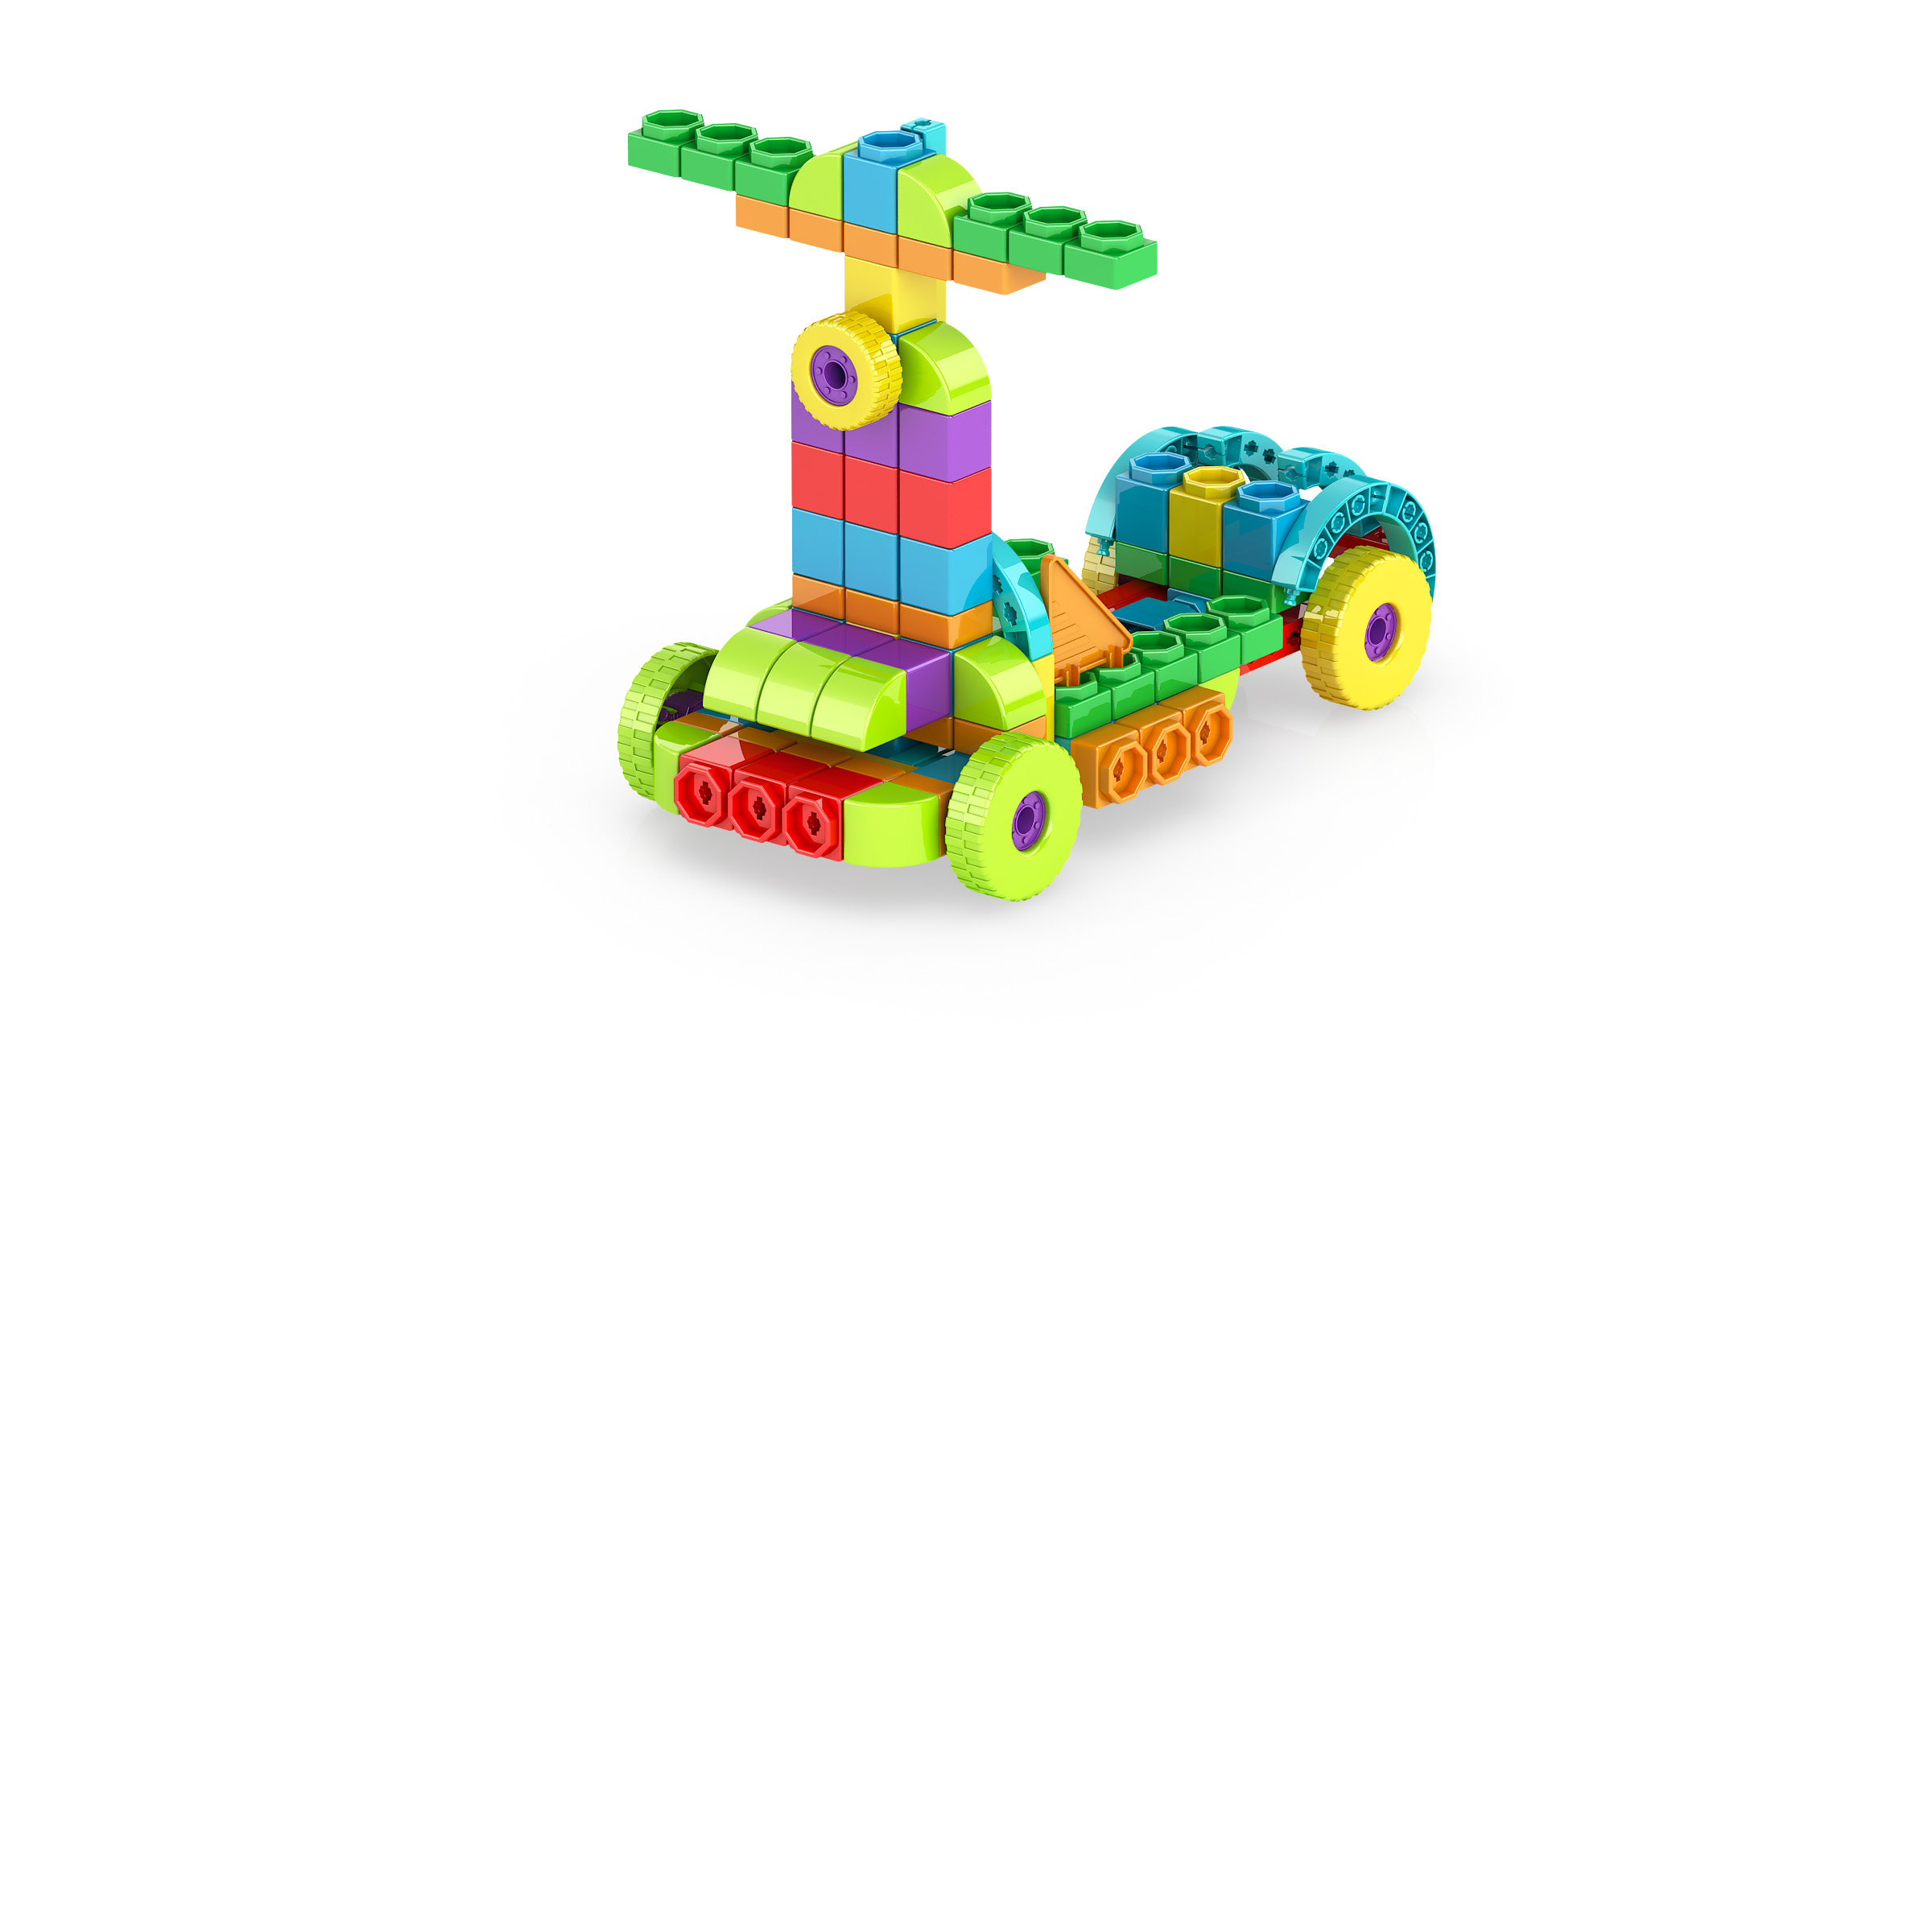 , Scooter 3, משחקי חשיבה לילדים engino, משחקים לגיל הרך playgro, משחק הרכבות אנג'ינו, משחקי רכבות